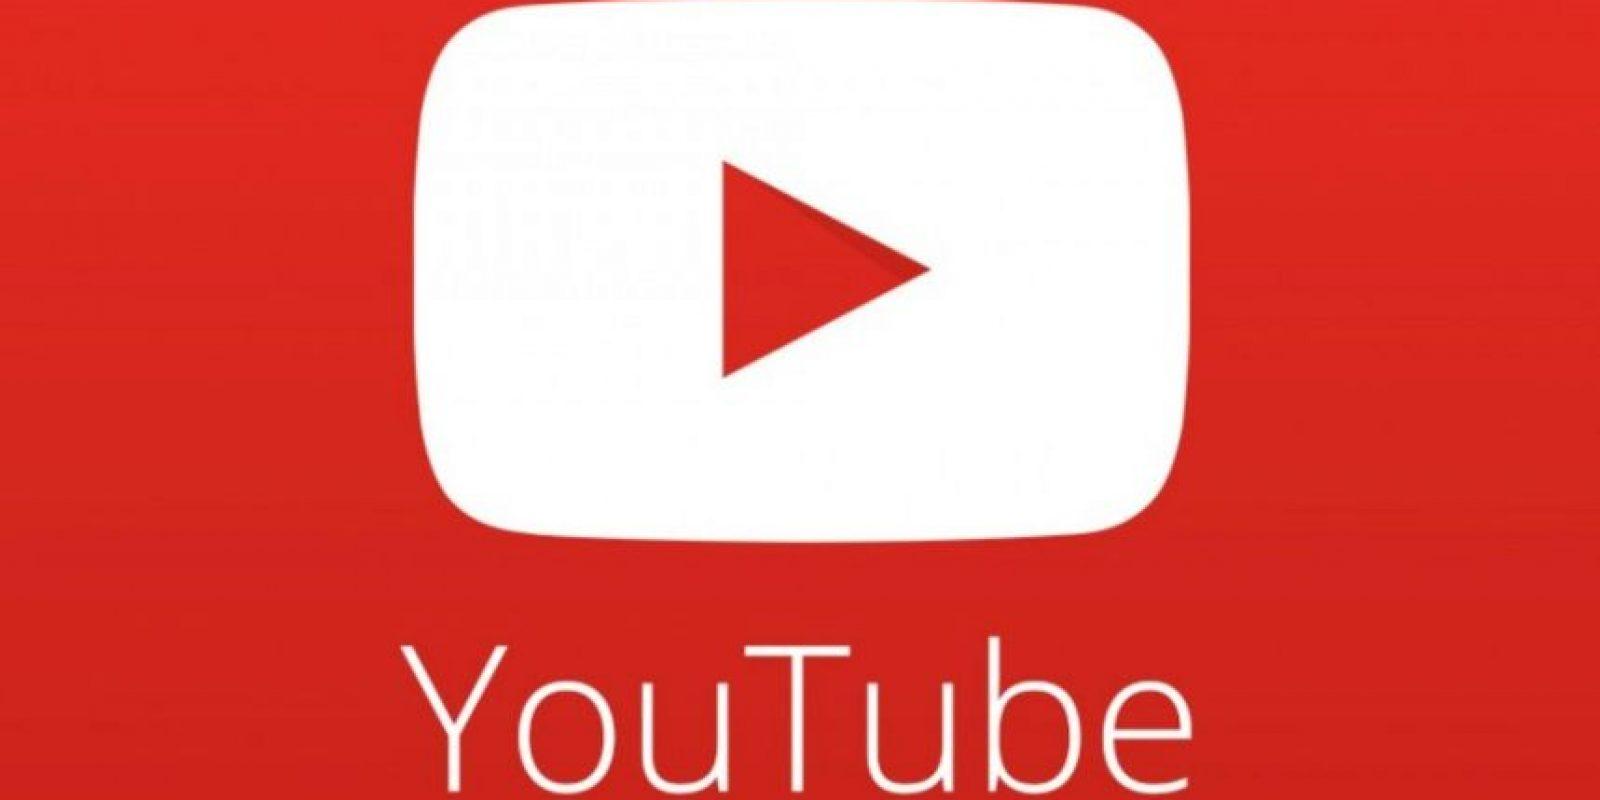 La plataforma de videos cumplió 10 años en línea. Foto:Tumblr